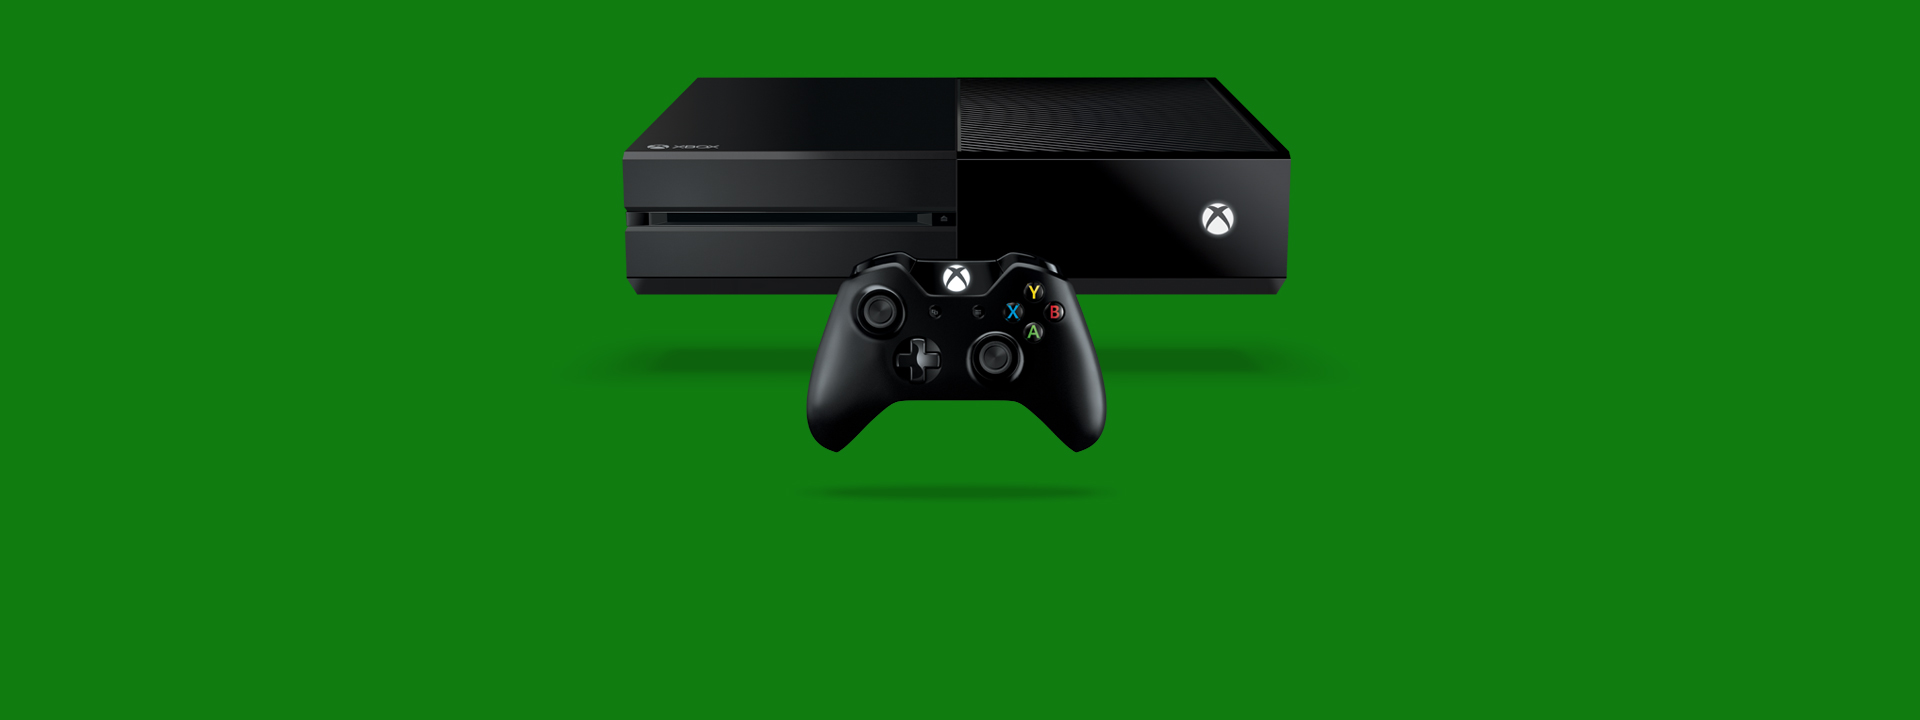 Consola y control Xbox One, comprar las últimas consolas